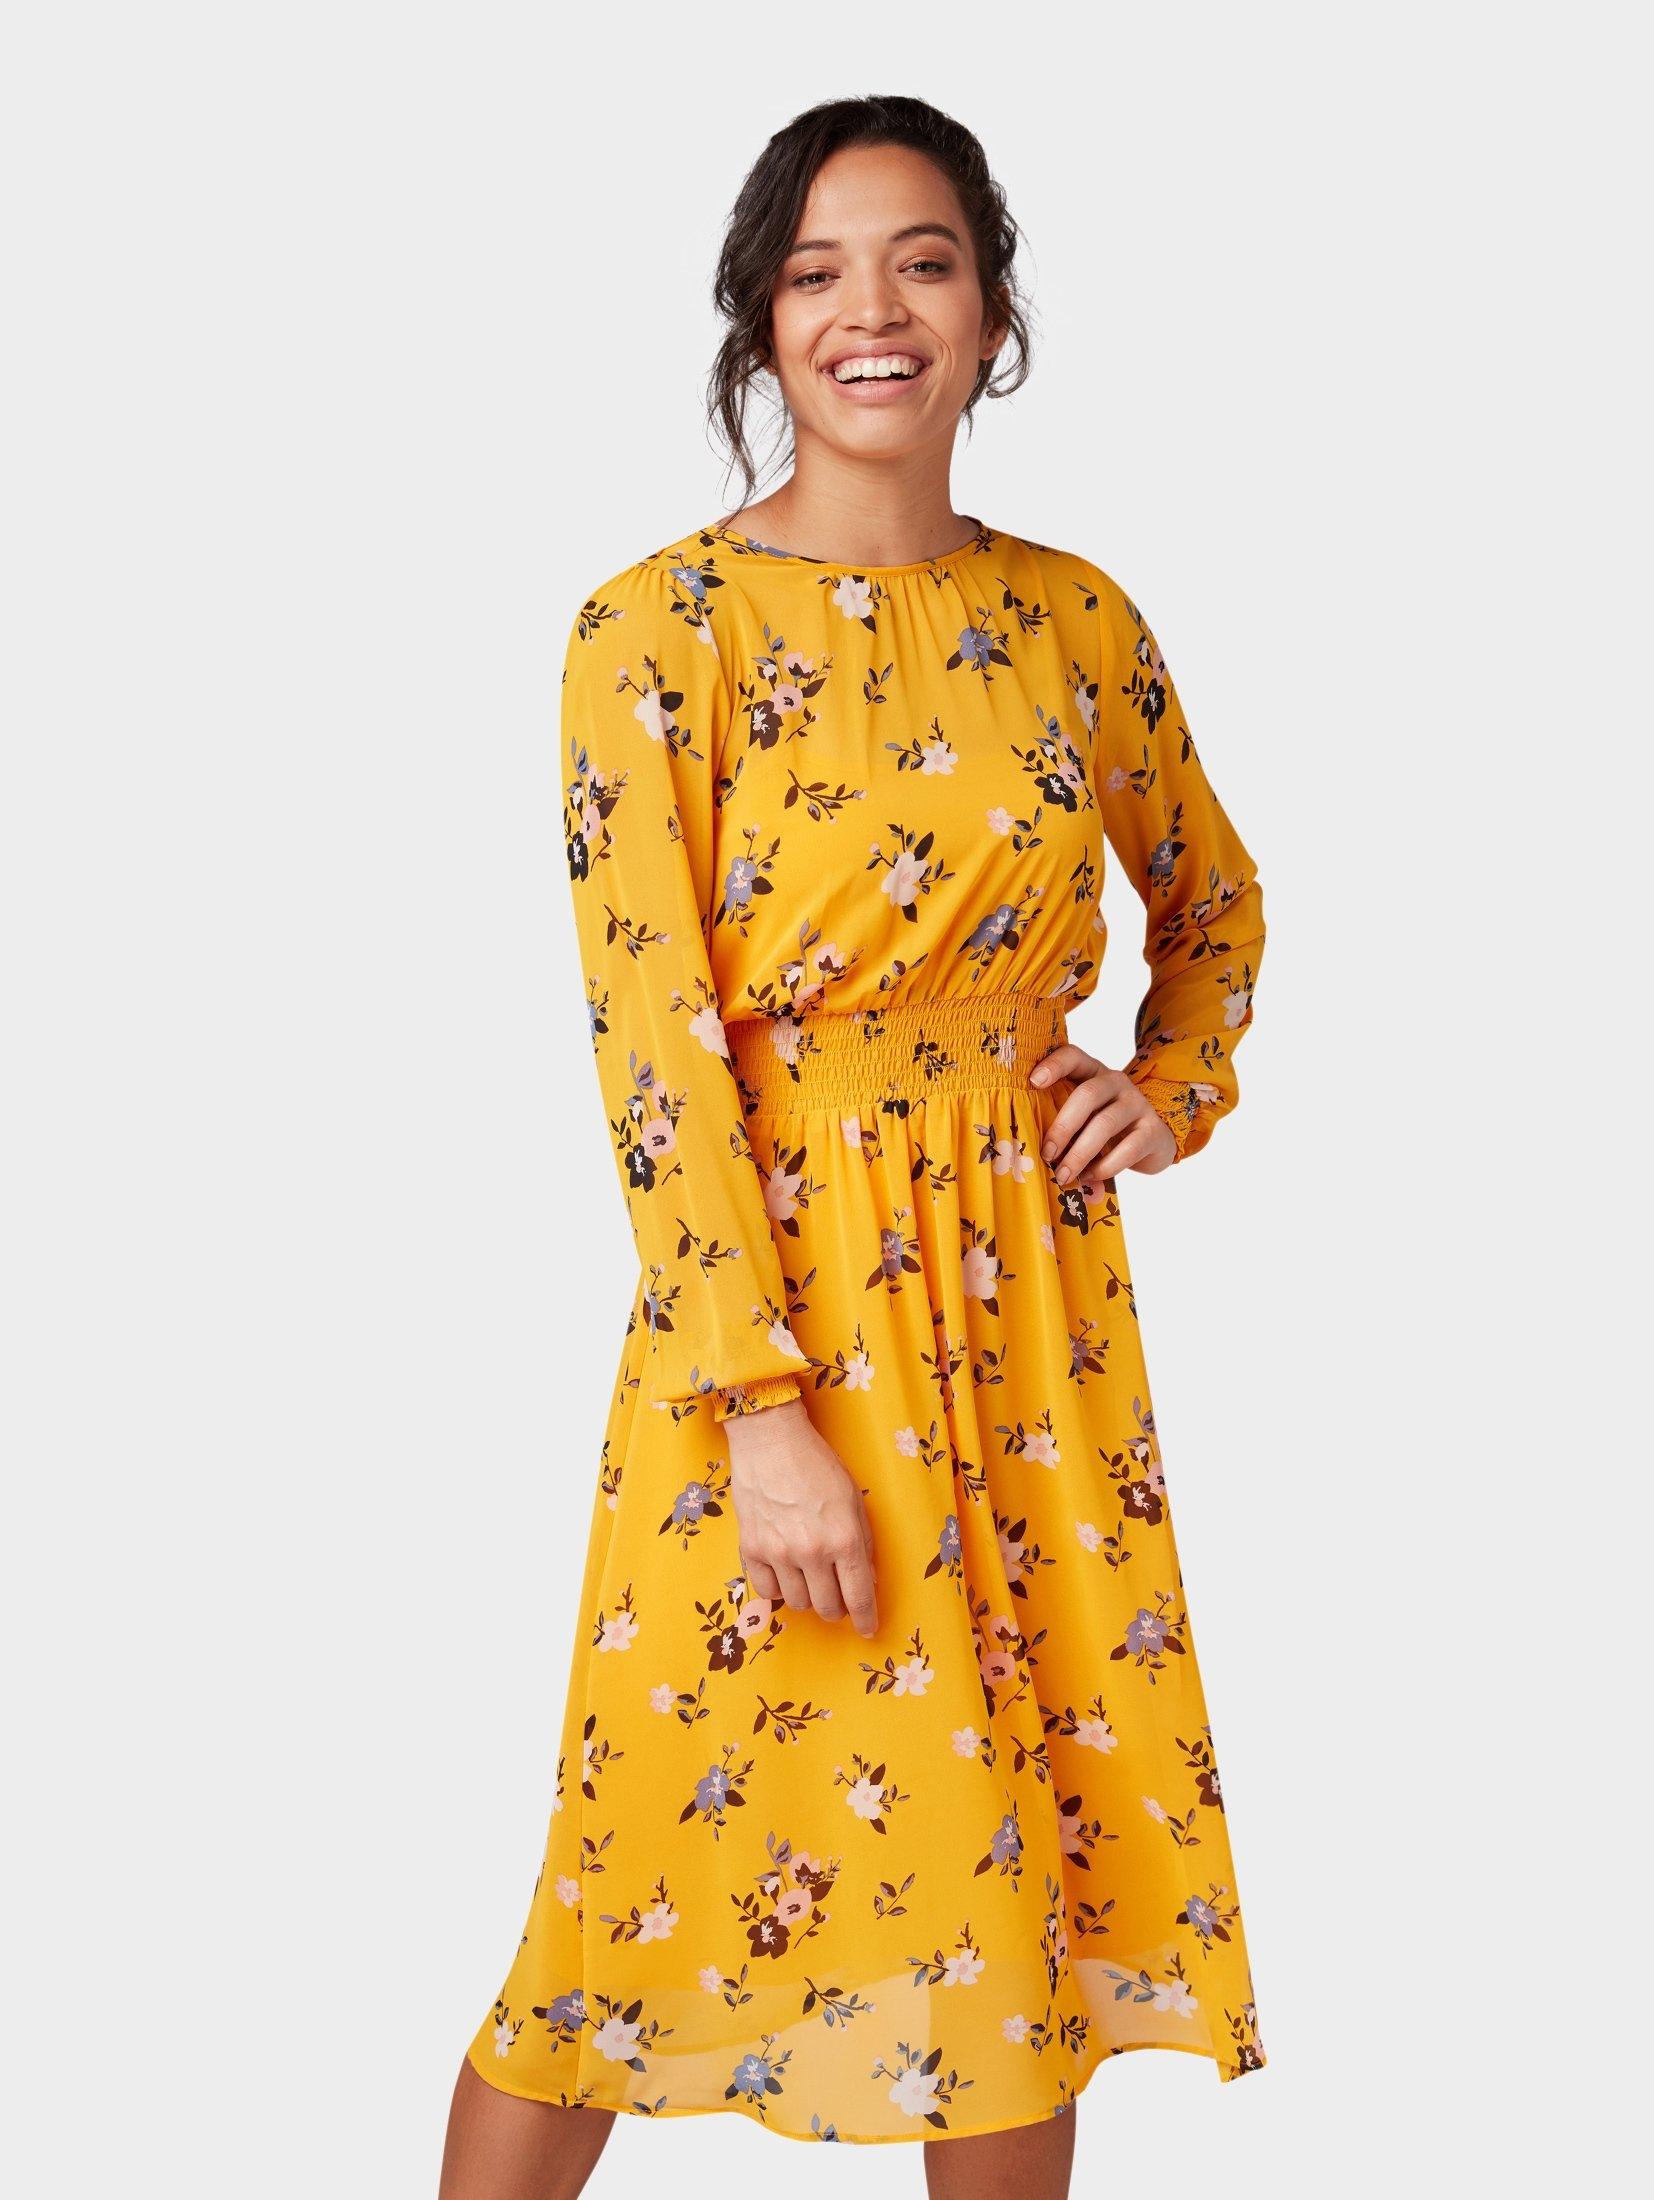 TOM TAILOR blousejurkje »jurk met bloemmotief« bestellen: 14 dagen bedenktijd